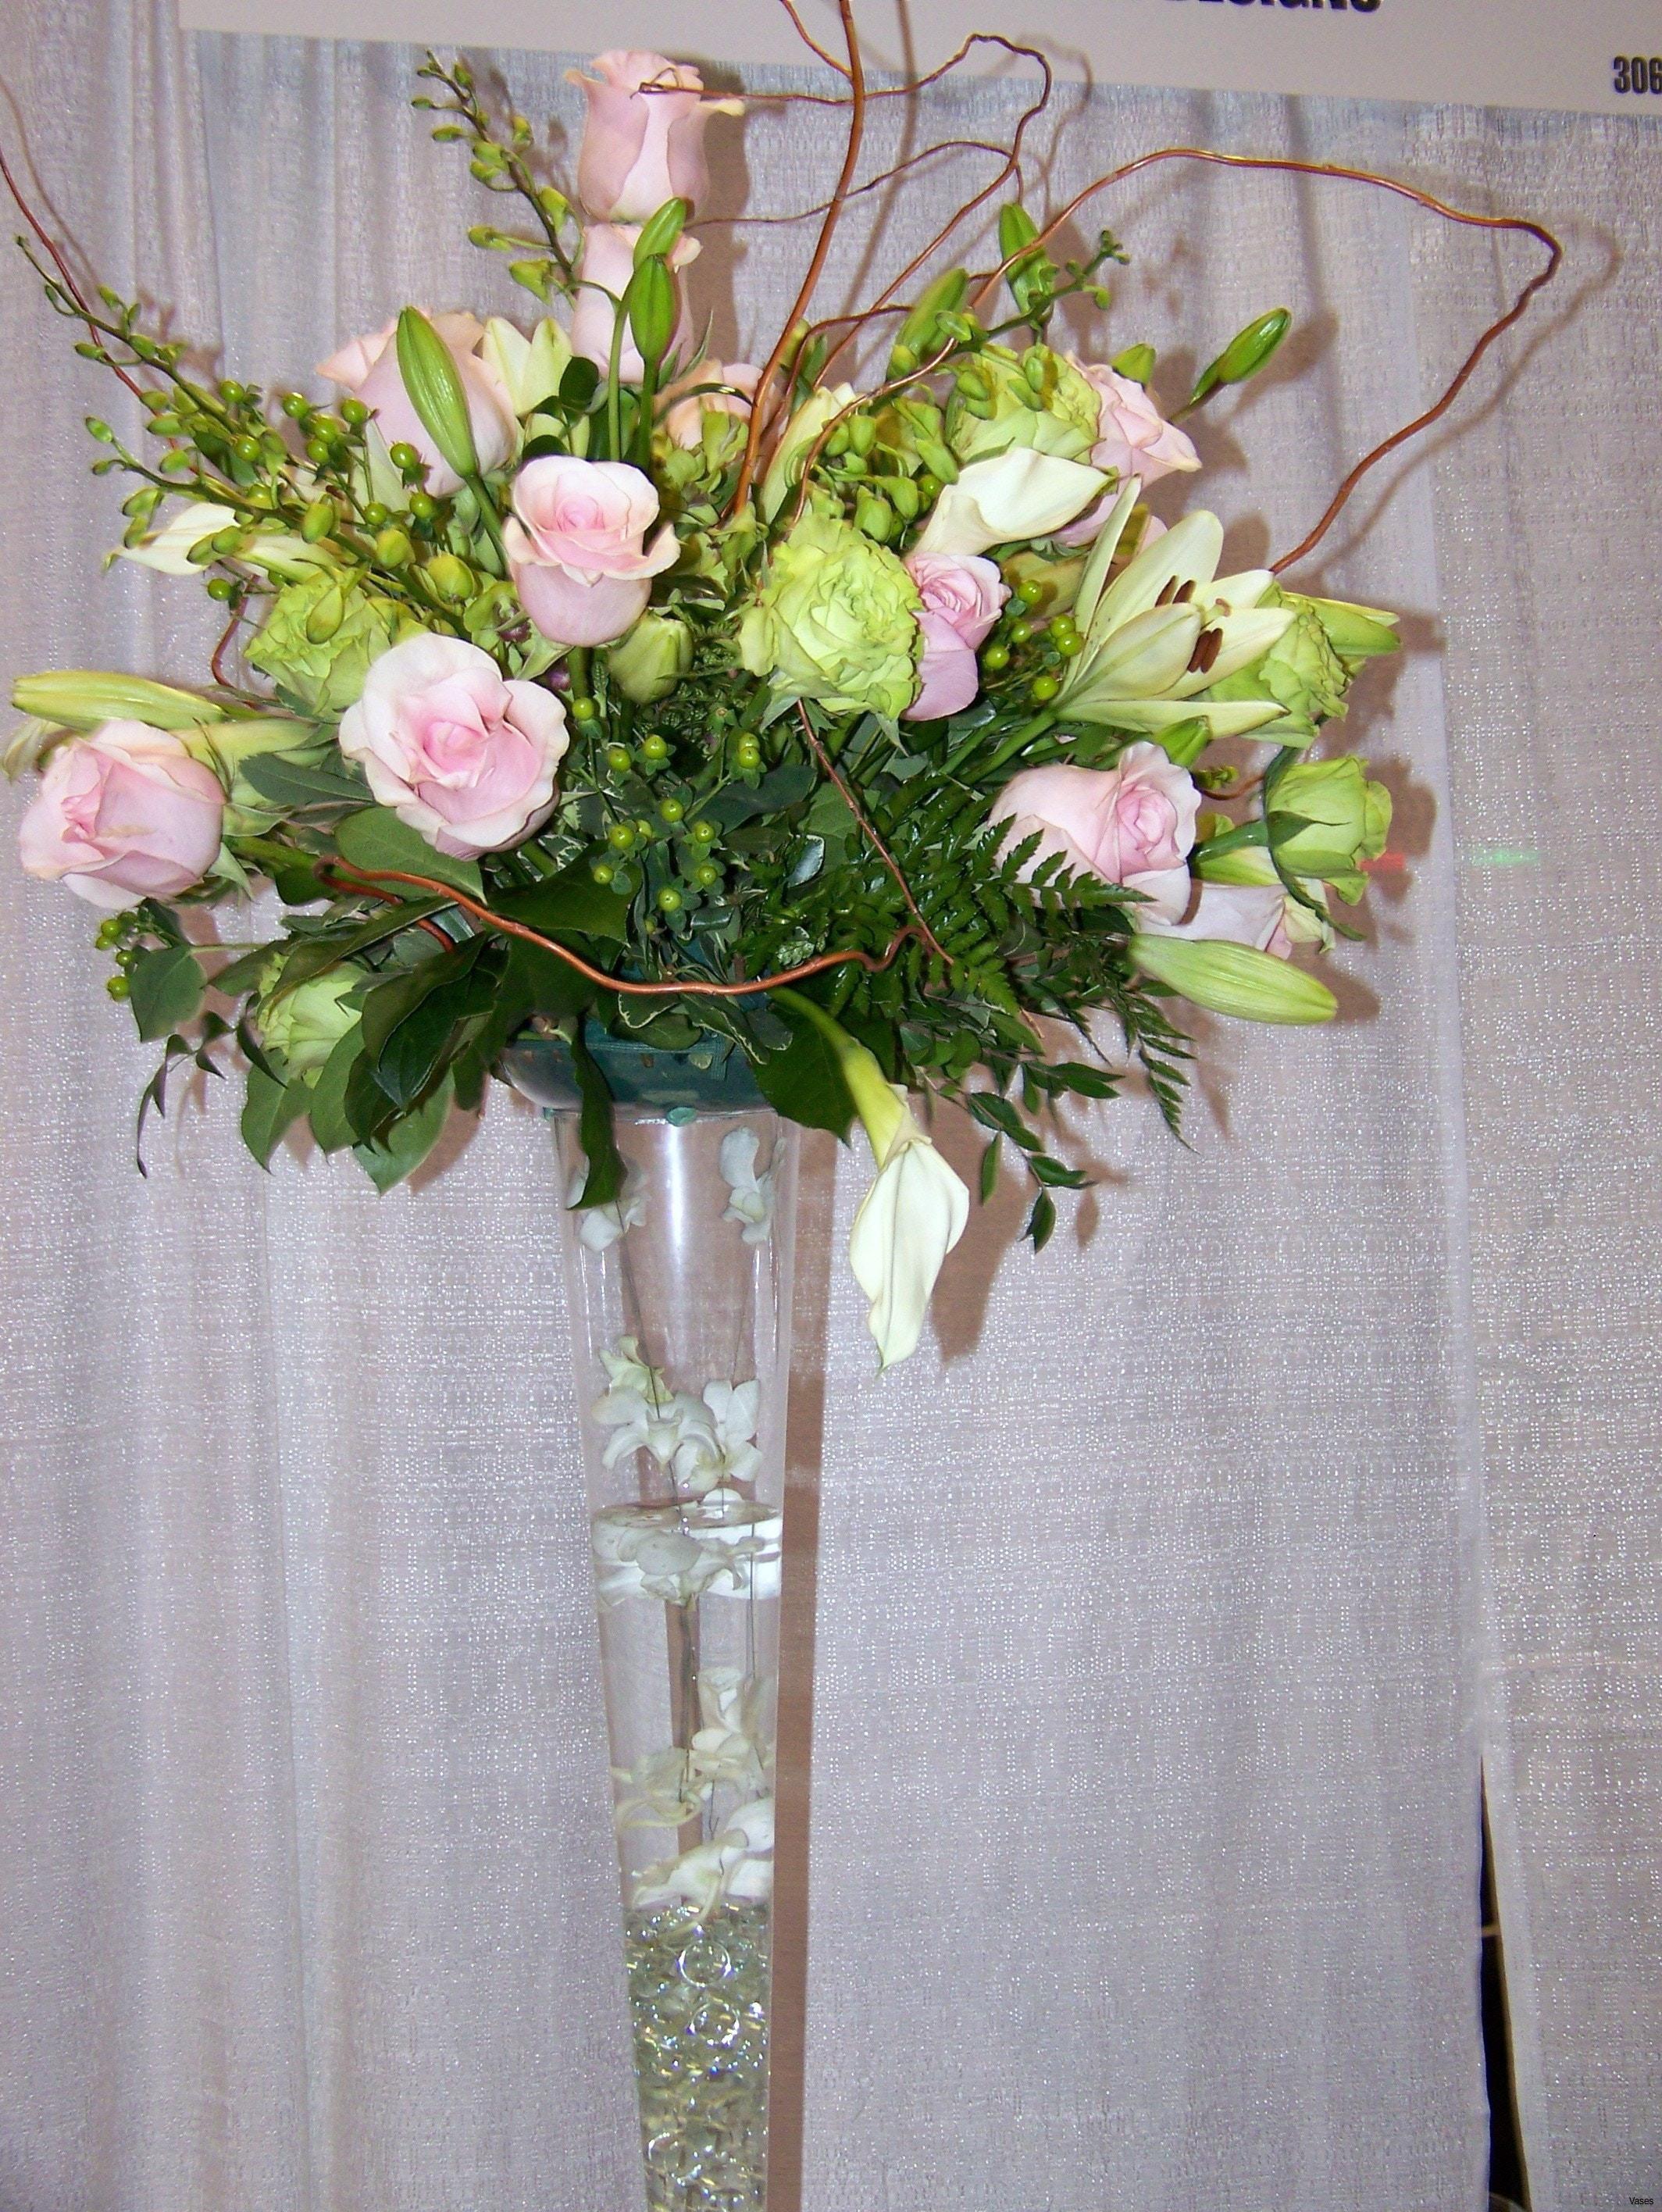 best vase for peonies of rose bowl vase gallery h vases ideas for floral arrangements in i 0d inside h vases ideas for floral arrangements in i 0d design ideas design